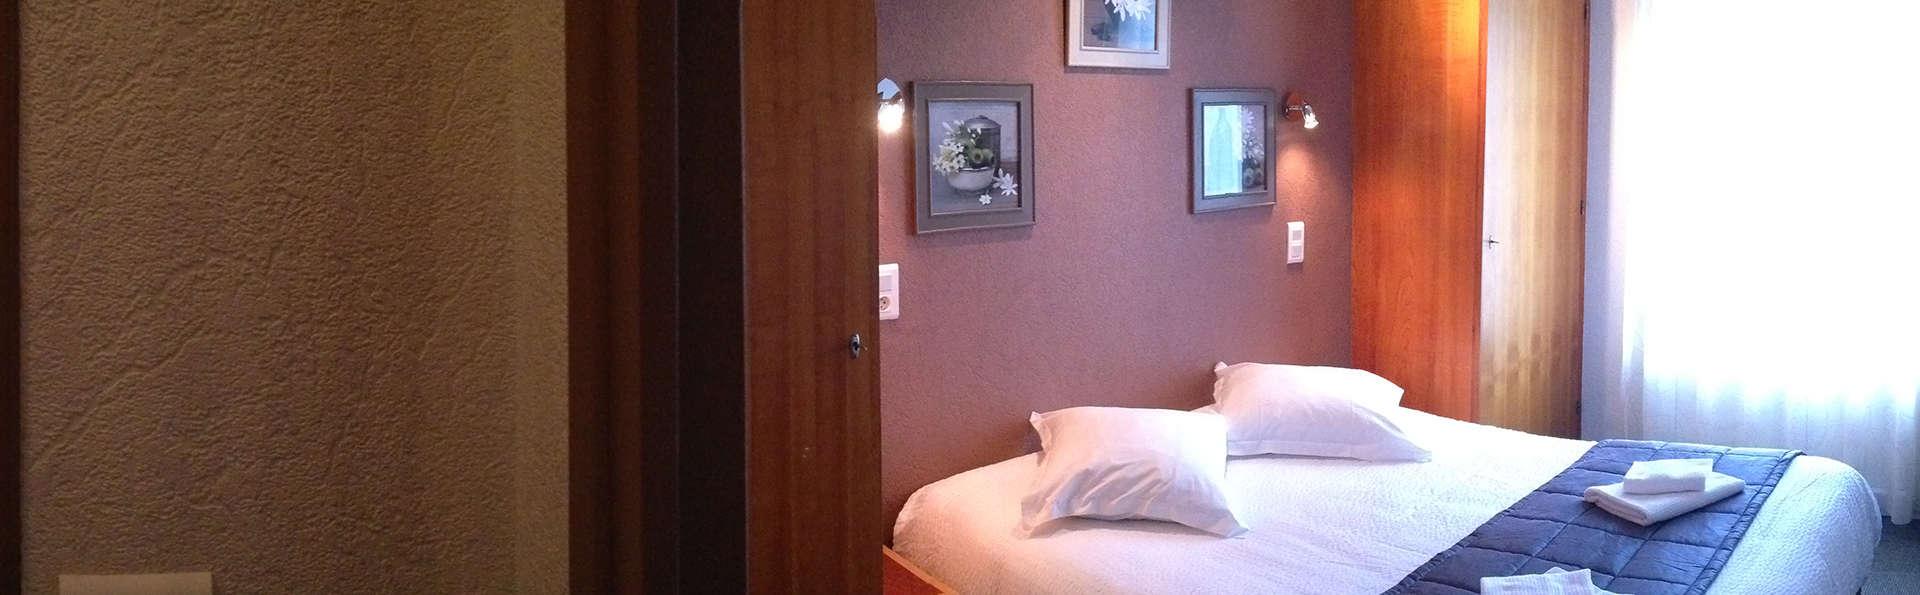 Hôtel de l'Aviation - EDIT_room9.jpg